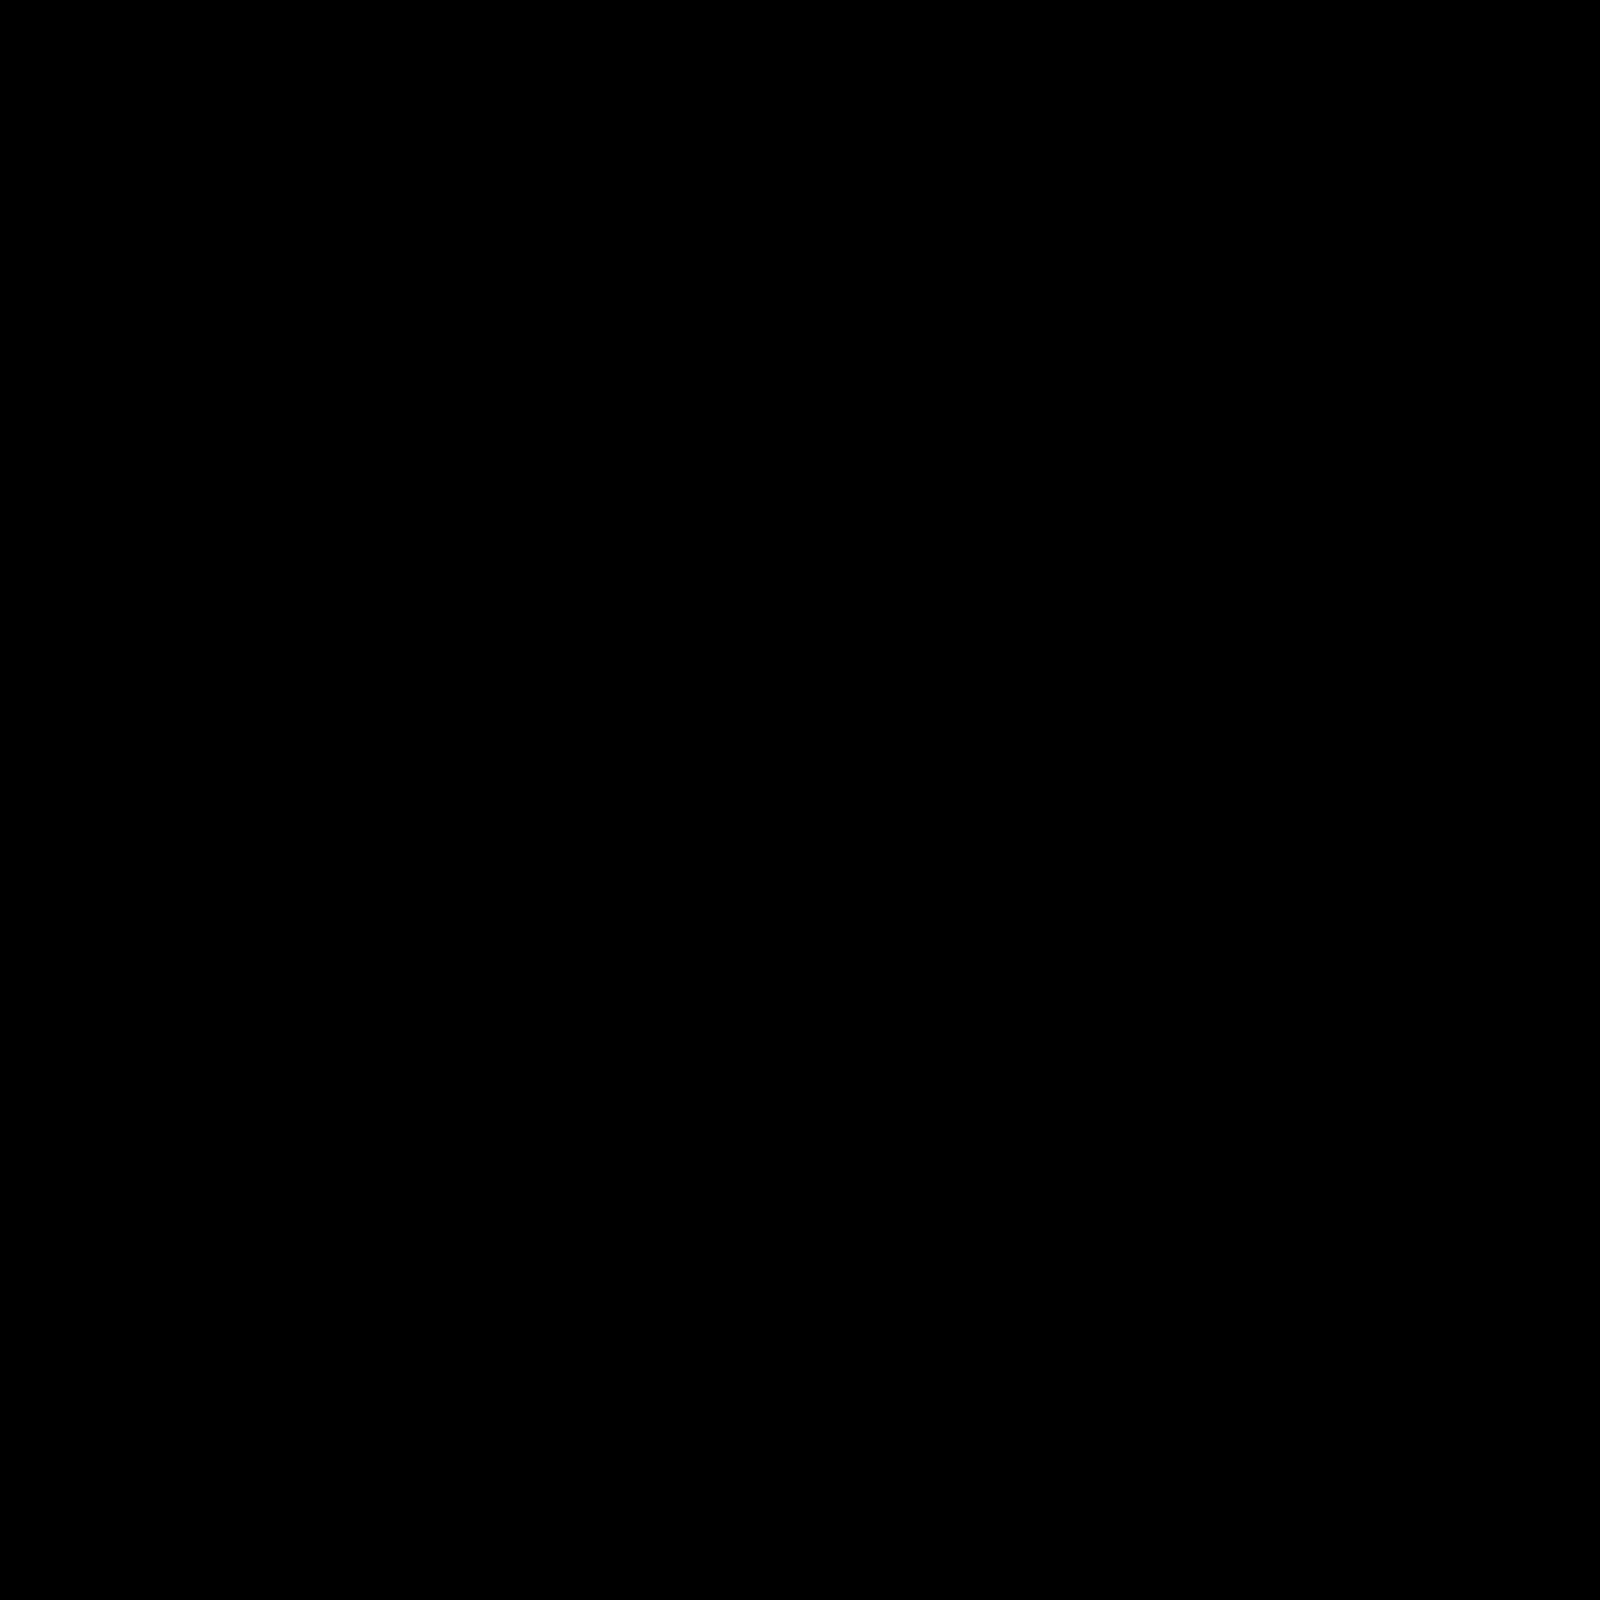 Ringer Volume Filled icon